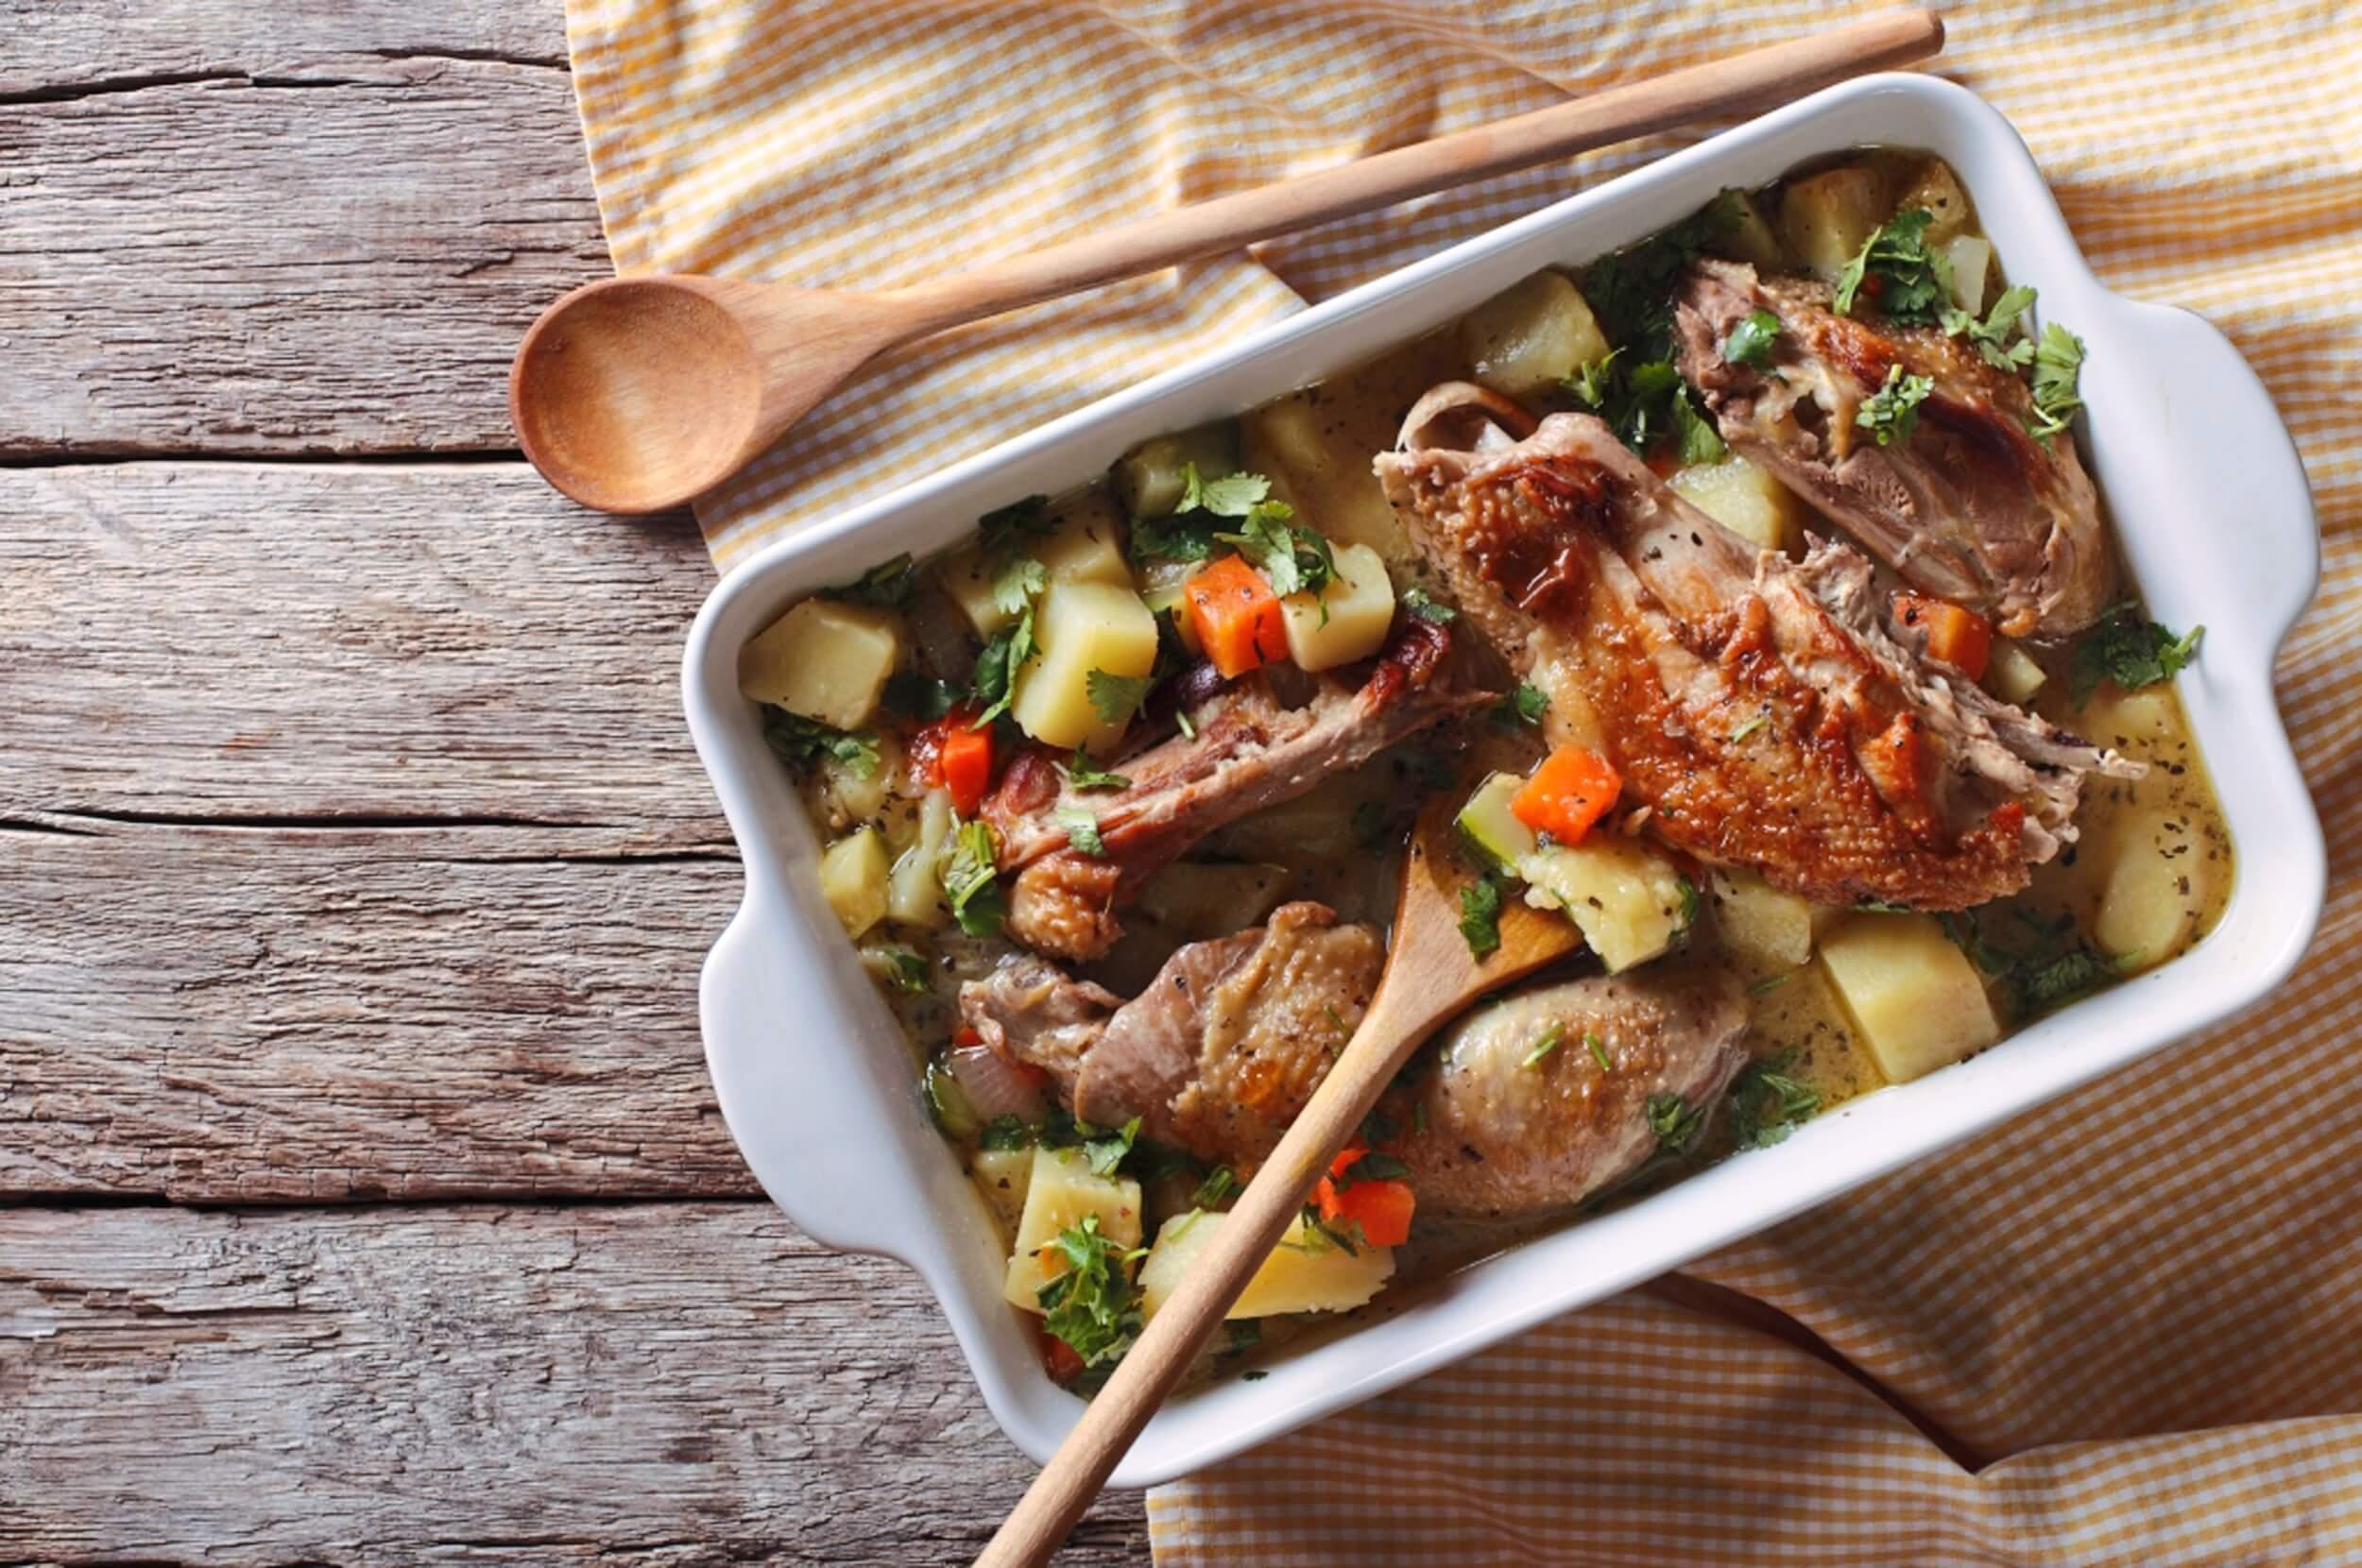 pollo horneado con vegetales